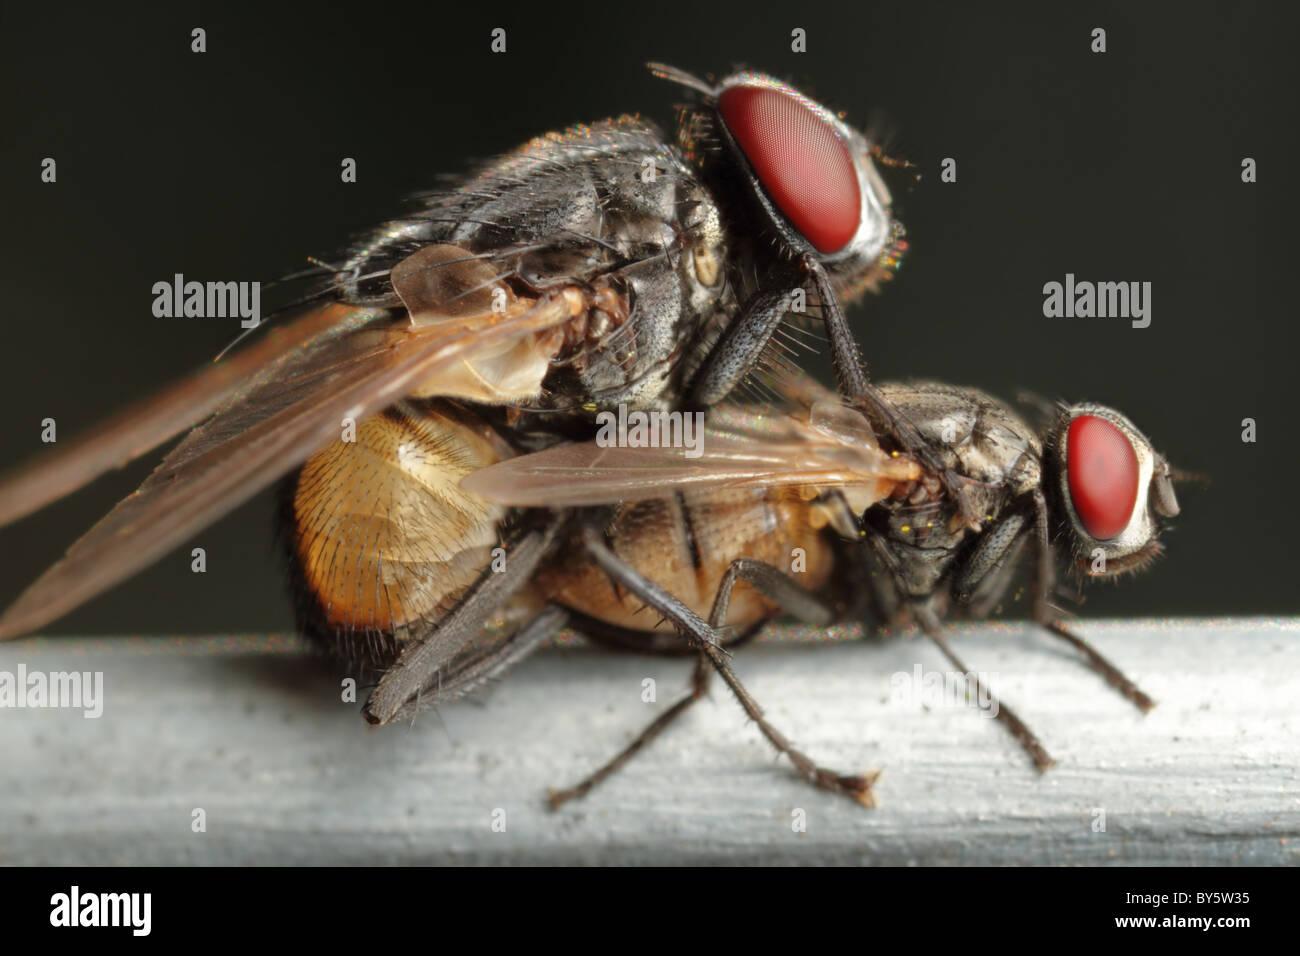 Dos moscas en medio del proceso de acoplamiento Imagen De Stock